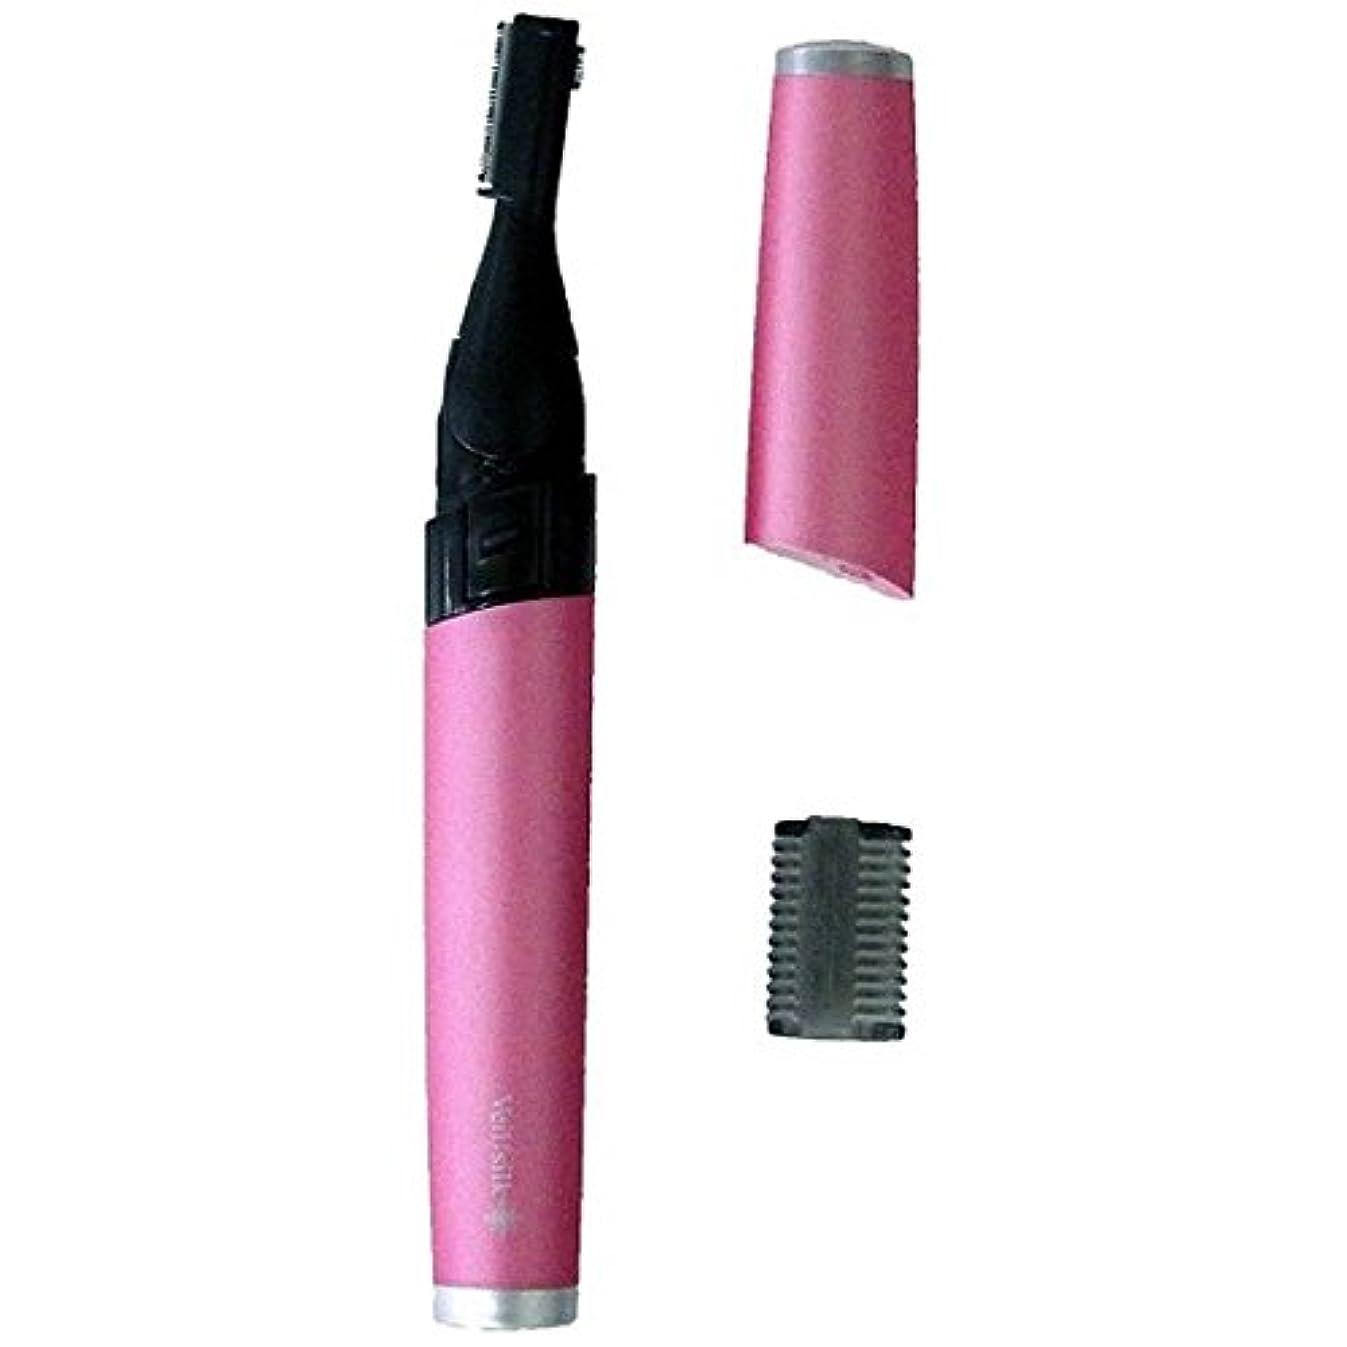 お香拘束するメトロポリタンイズミ フェイスシェーバー (ピンク)IZUMI Veil:silk(ヴェルシルク) GR-AF127-P